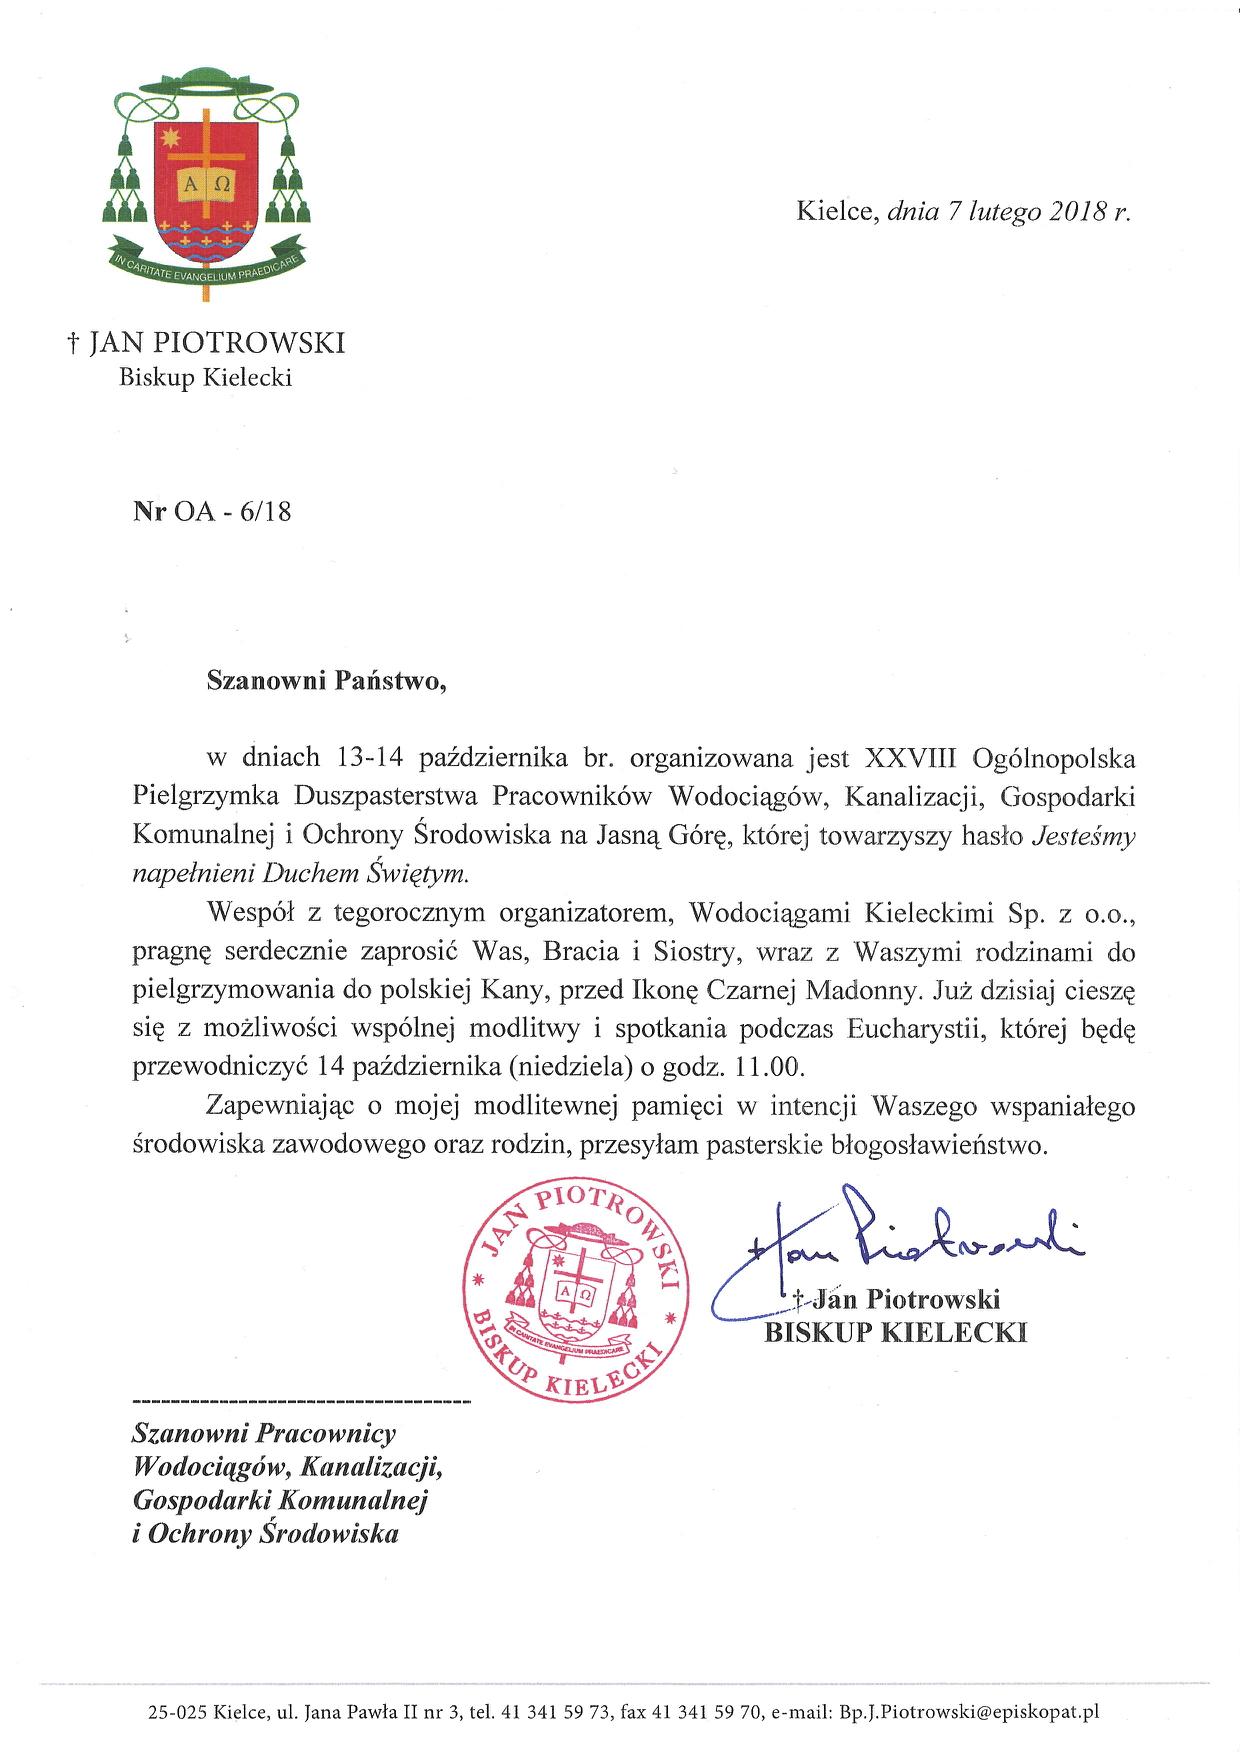 Pismo do Pracowników Wodociągów 2018